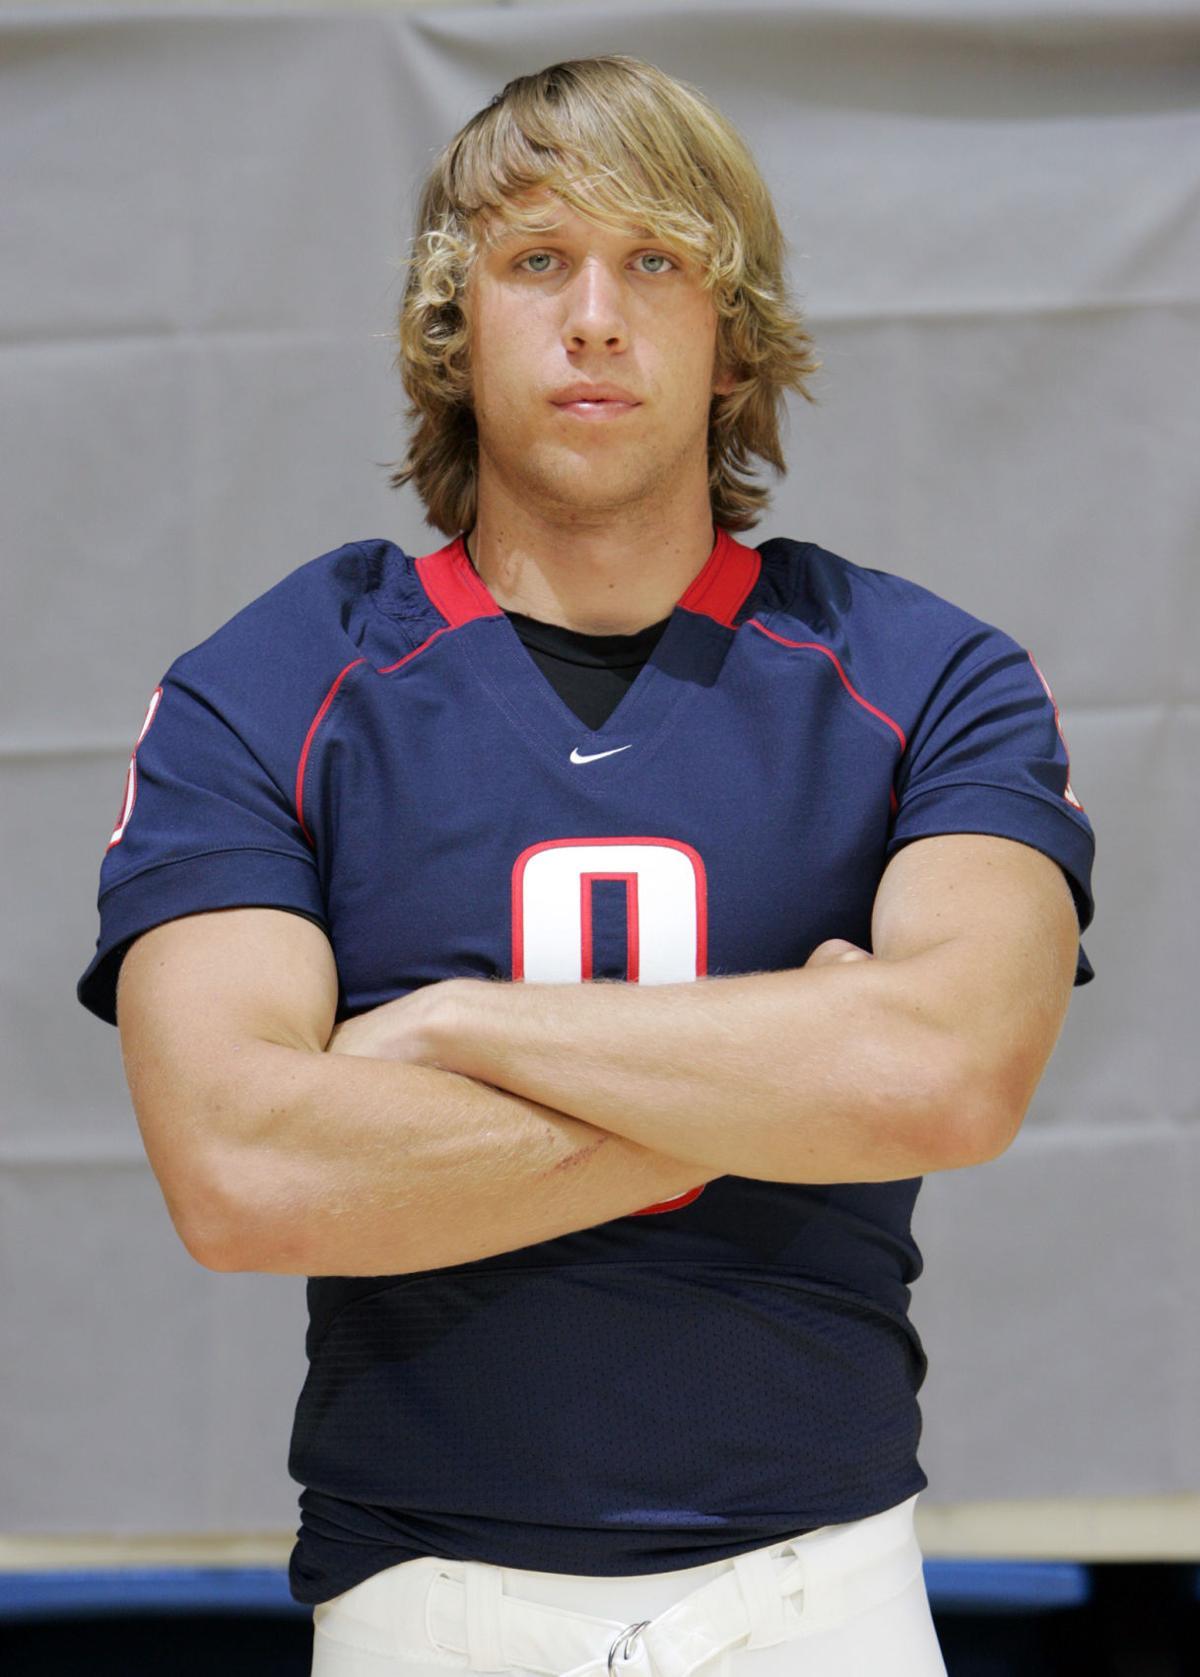 huge discount c6783 f6f9f Photos: Arizona Wildcats quarterback Nick Foles, 2009-11 ...